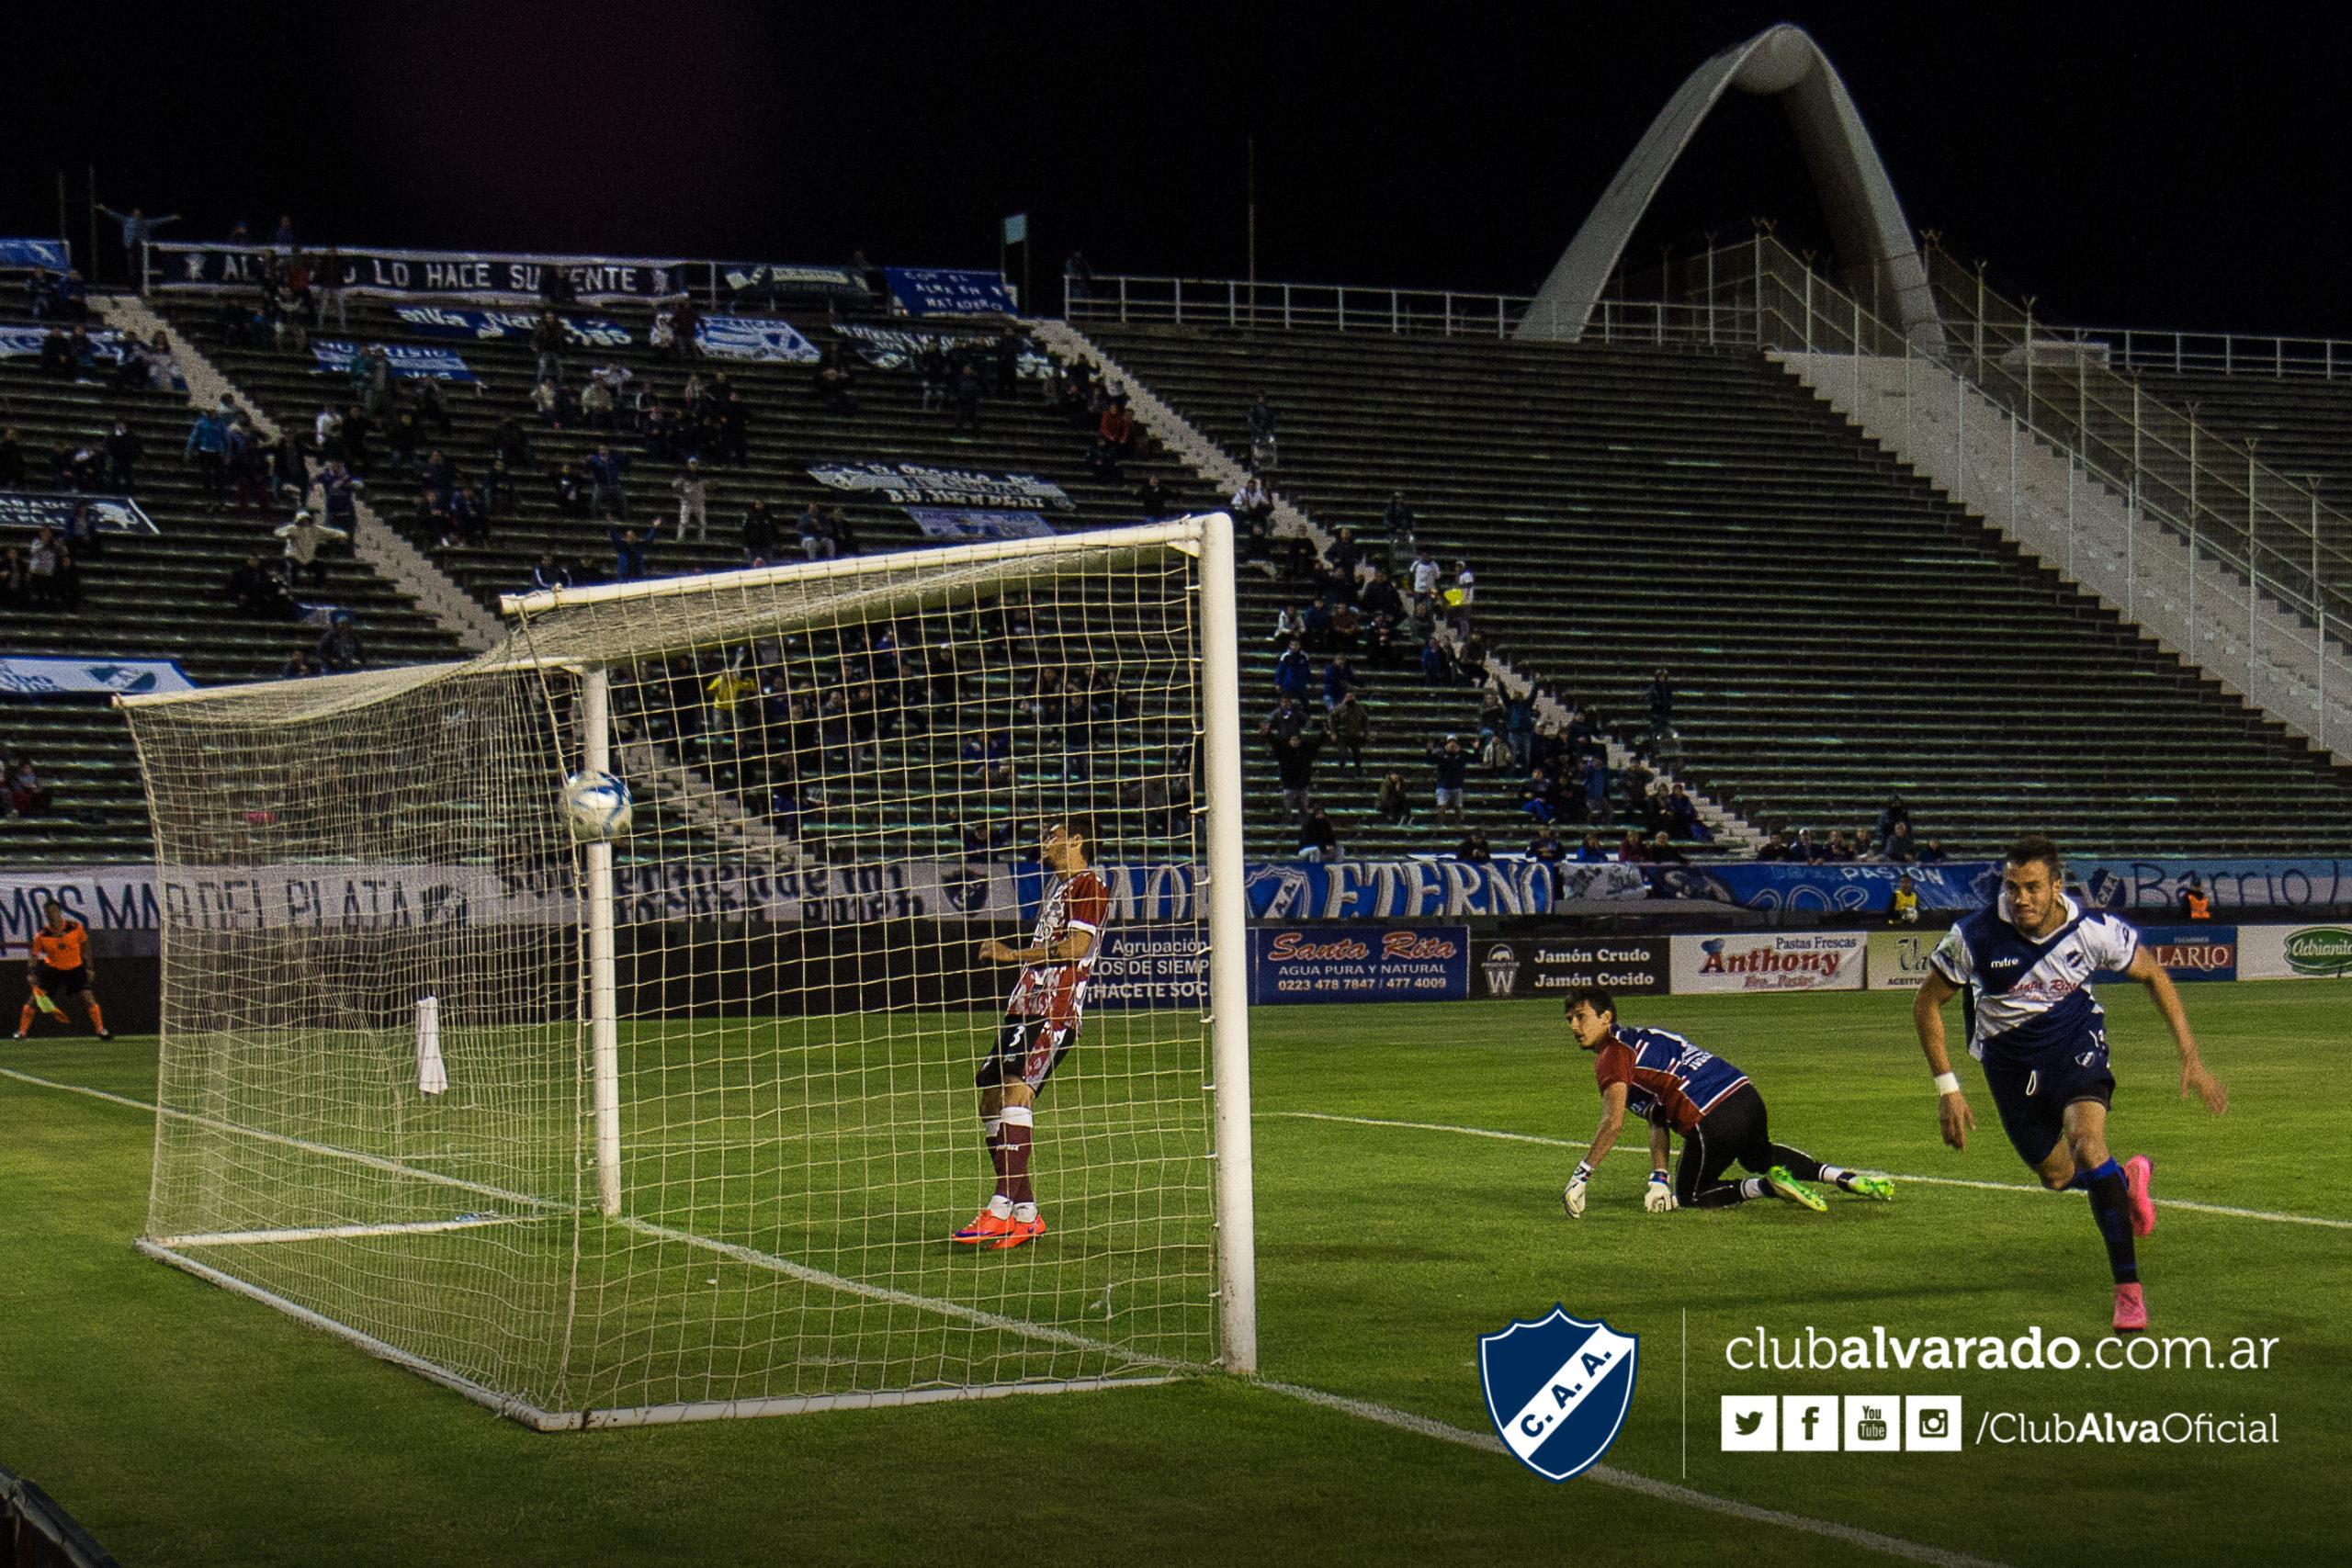 Alvarado consiguió un agónico triunfo en el Minella. (Foto: Rubén Sánchez - Club Alvarado)